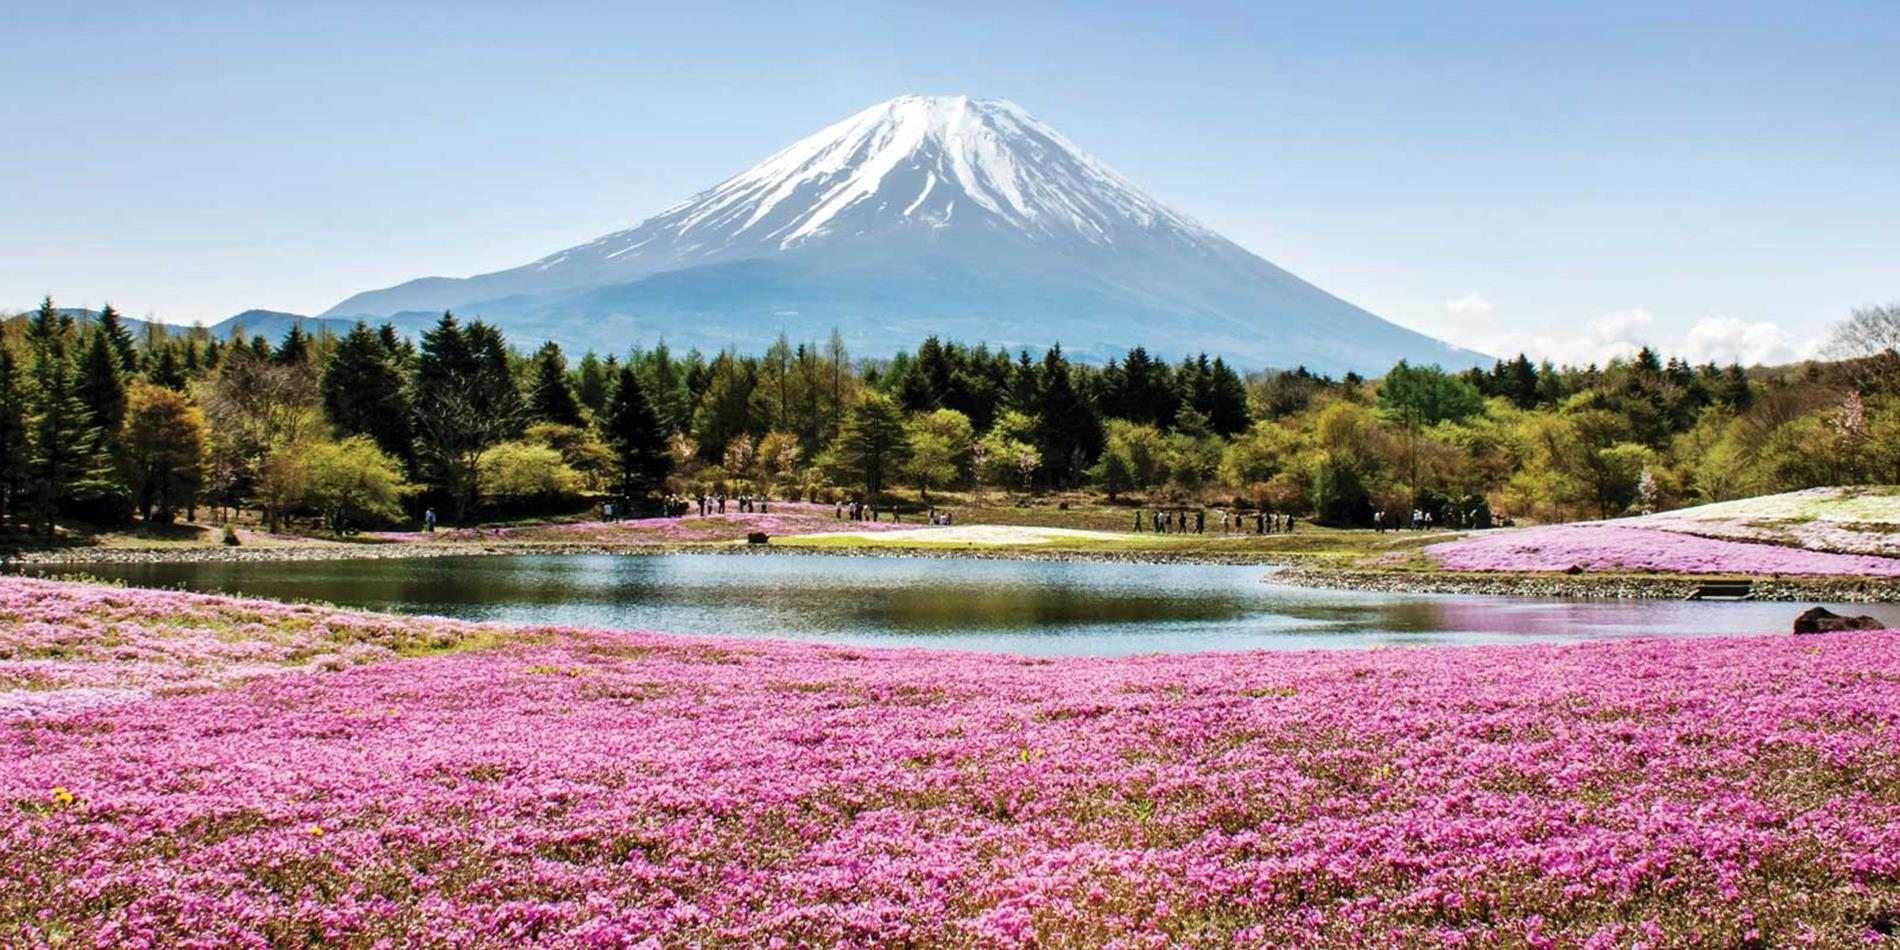 Mùa xuân về núi Phú Sĩ Nhật Bản lại trở nên đẹp hơn bao giờ hết